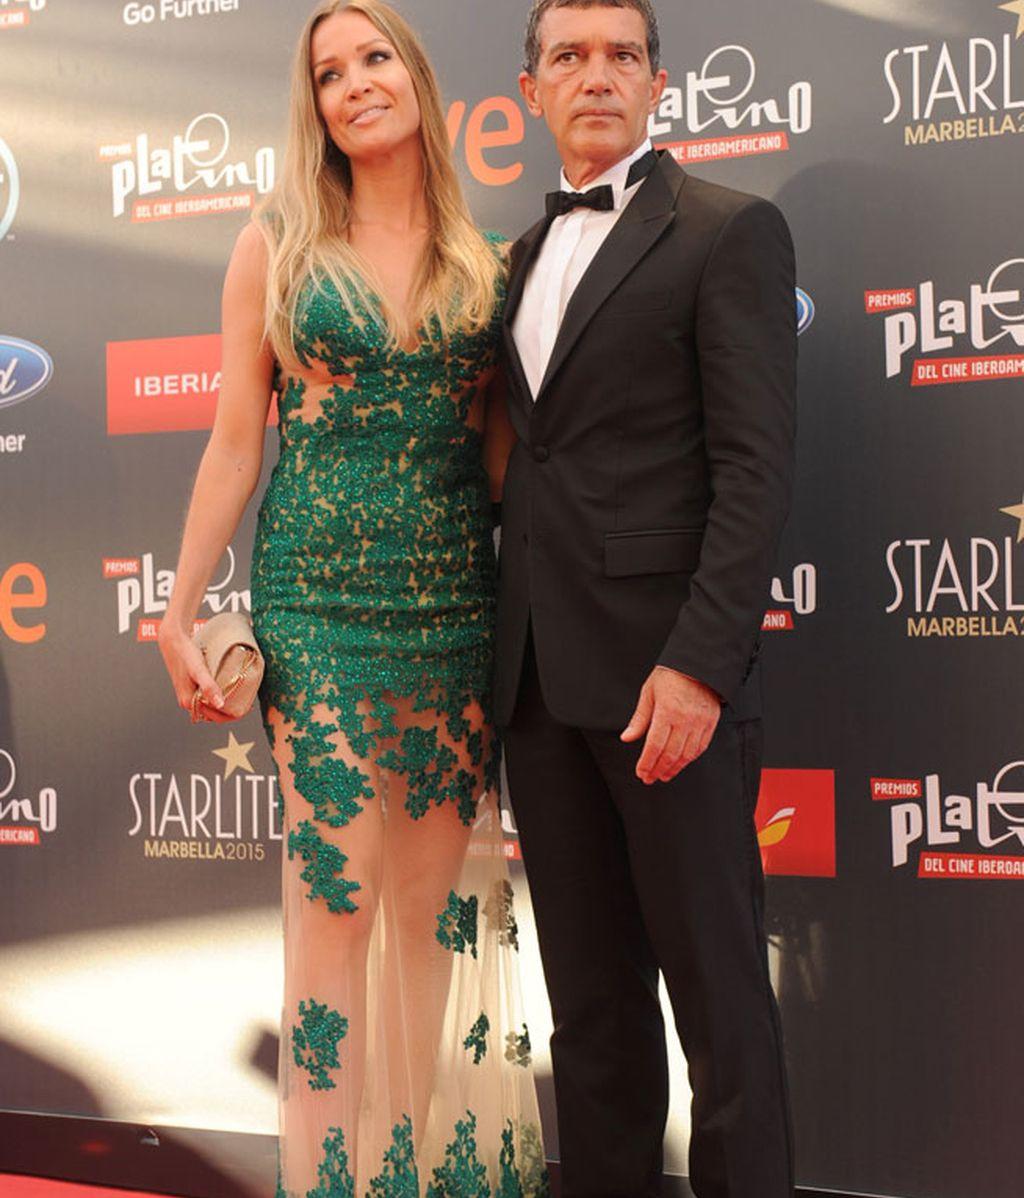 Antonio Banderas, Premio Platino de Honor, junto a su chica, Nicole Kimpel